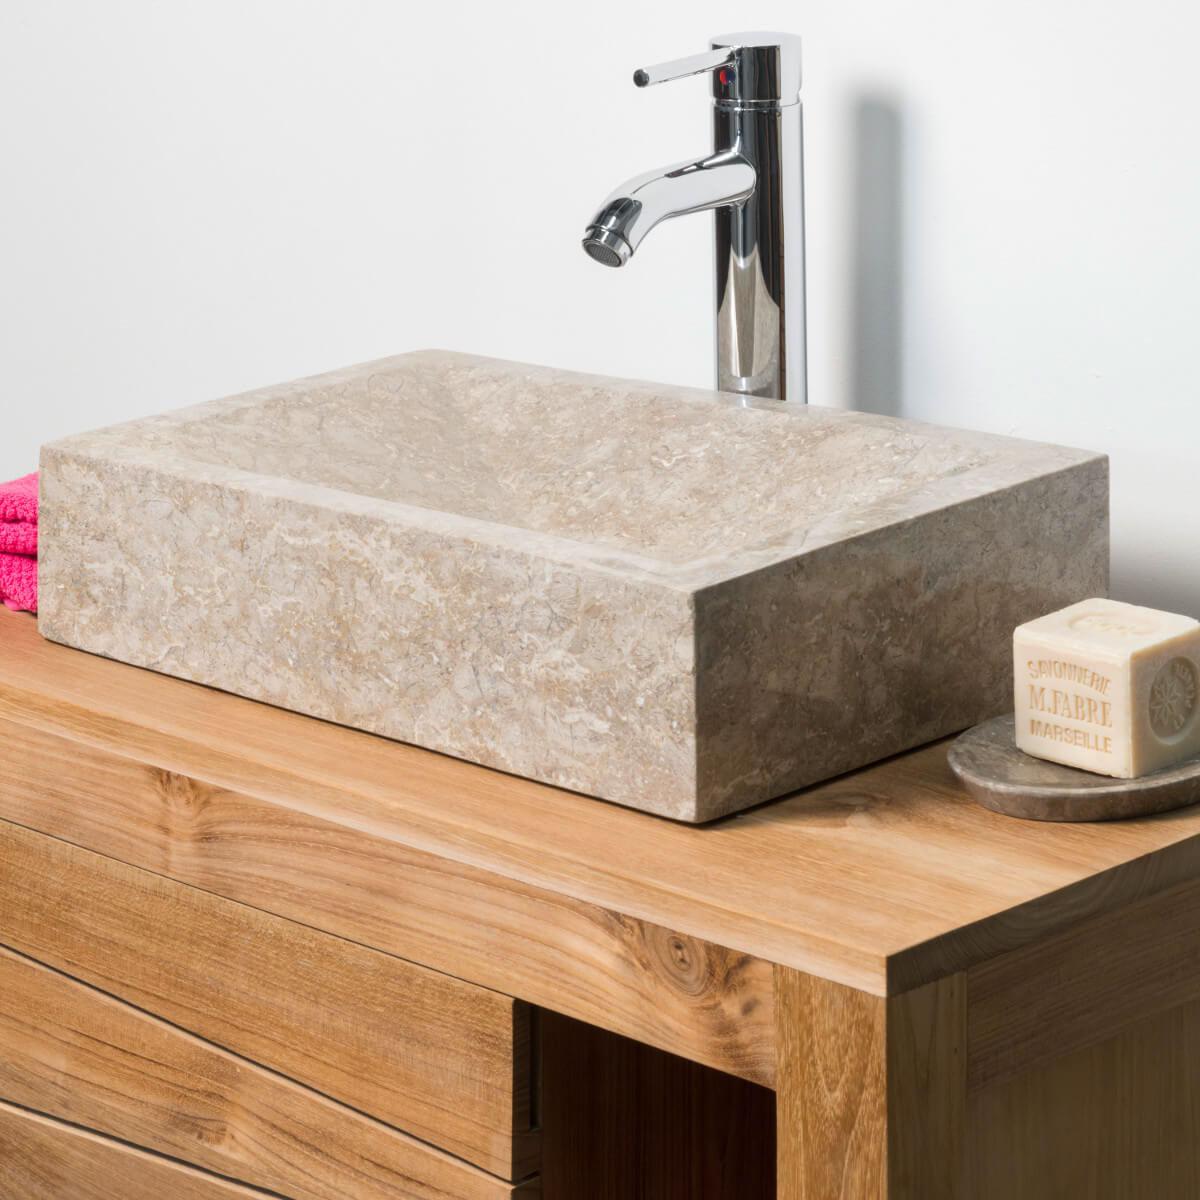 vasque poser en marbre alexandrie rectangle grise. Black Bedroom Furniture Sets. Home Design Ideas